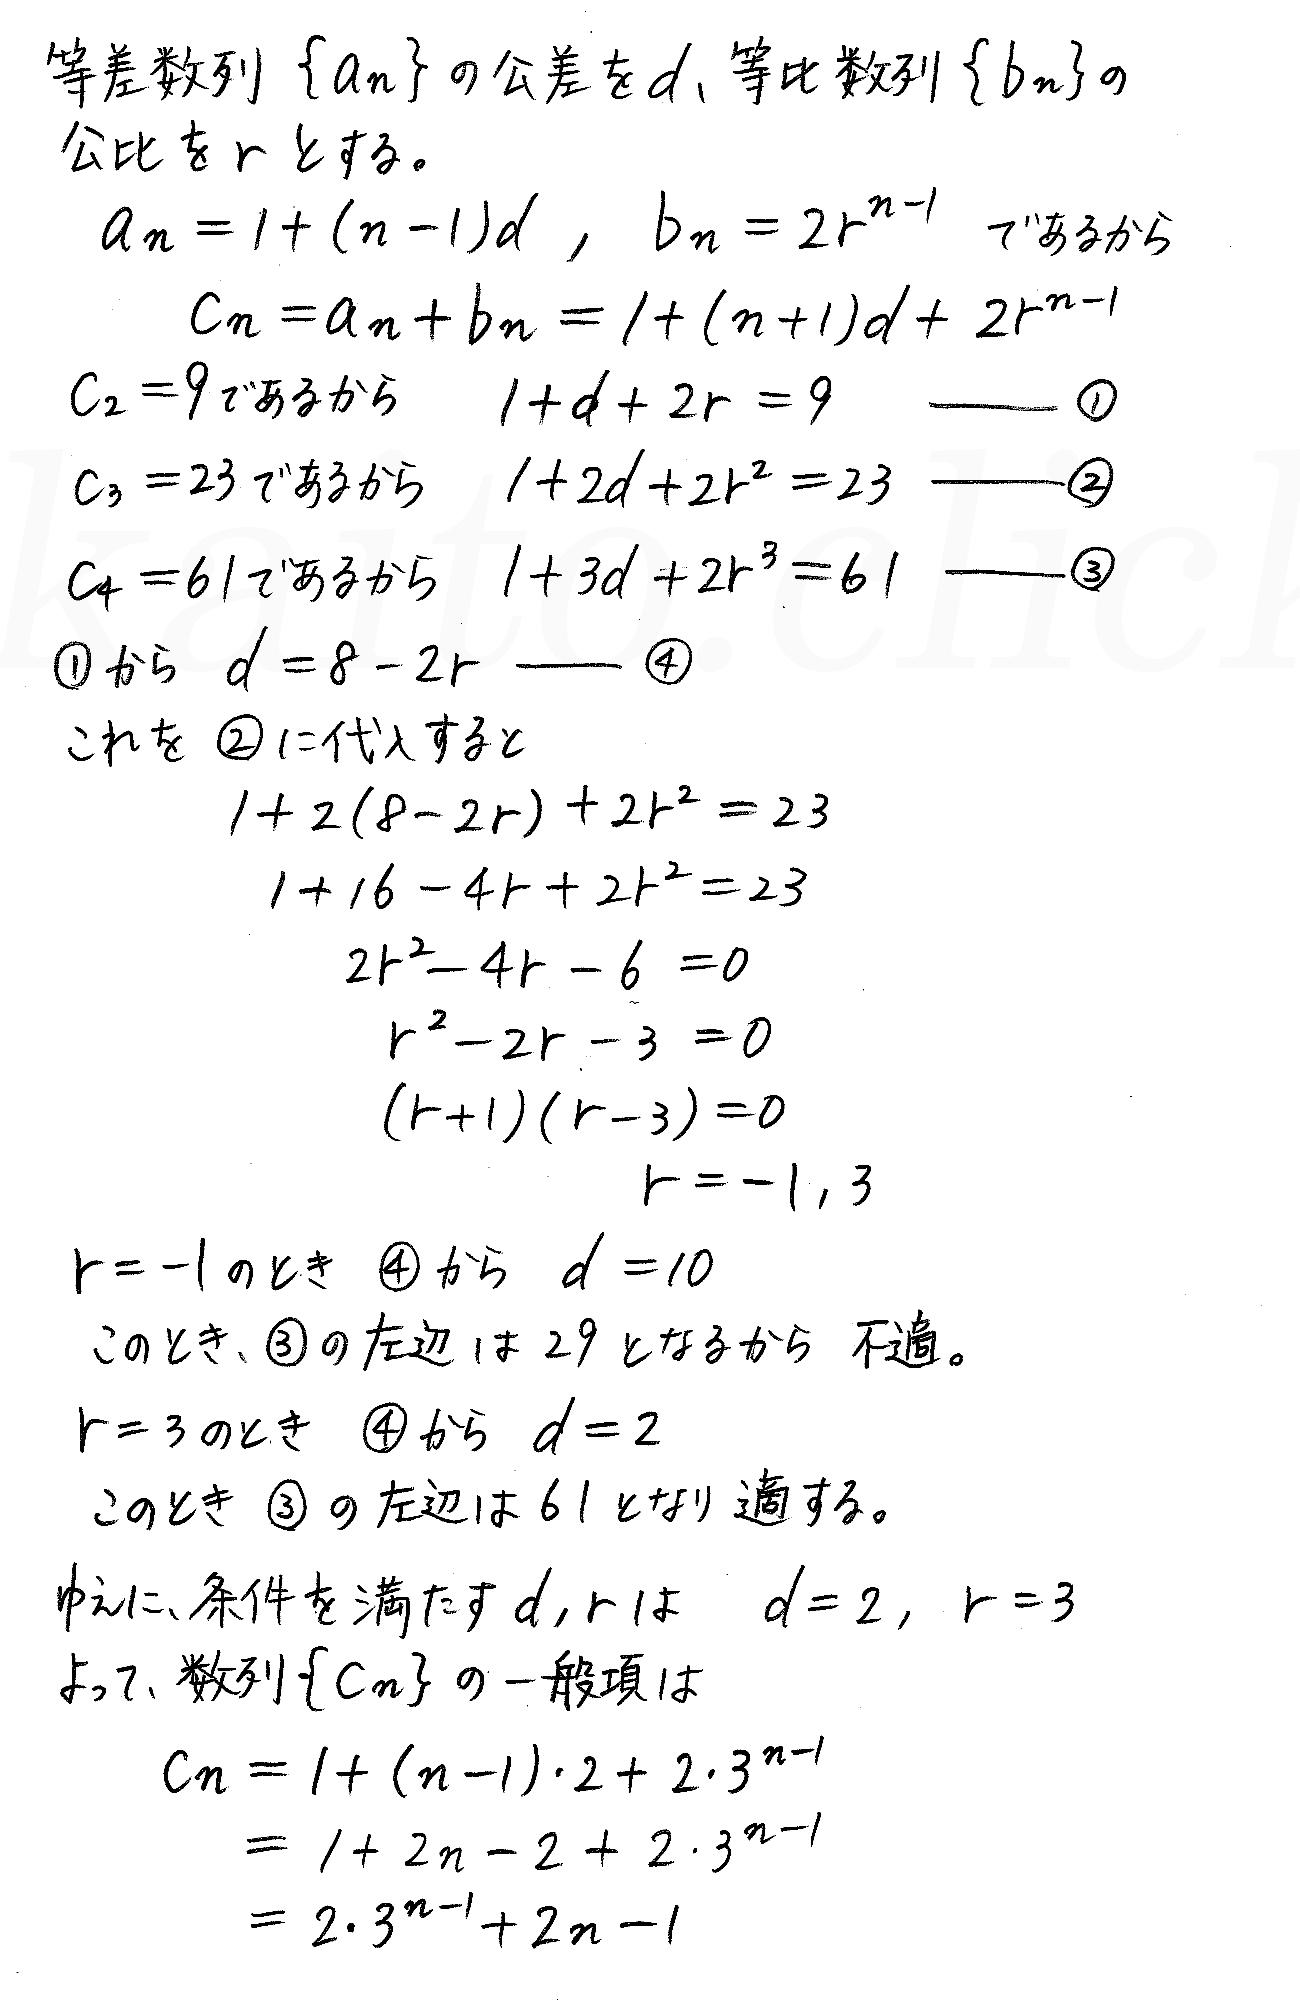 クリアー数学B-244解答